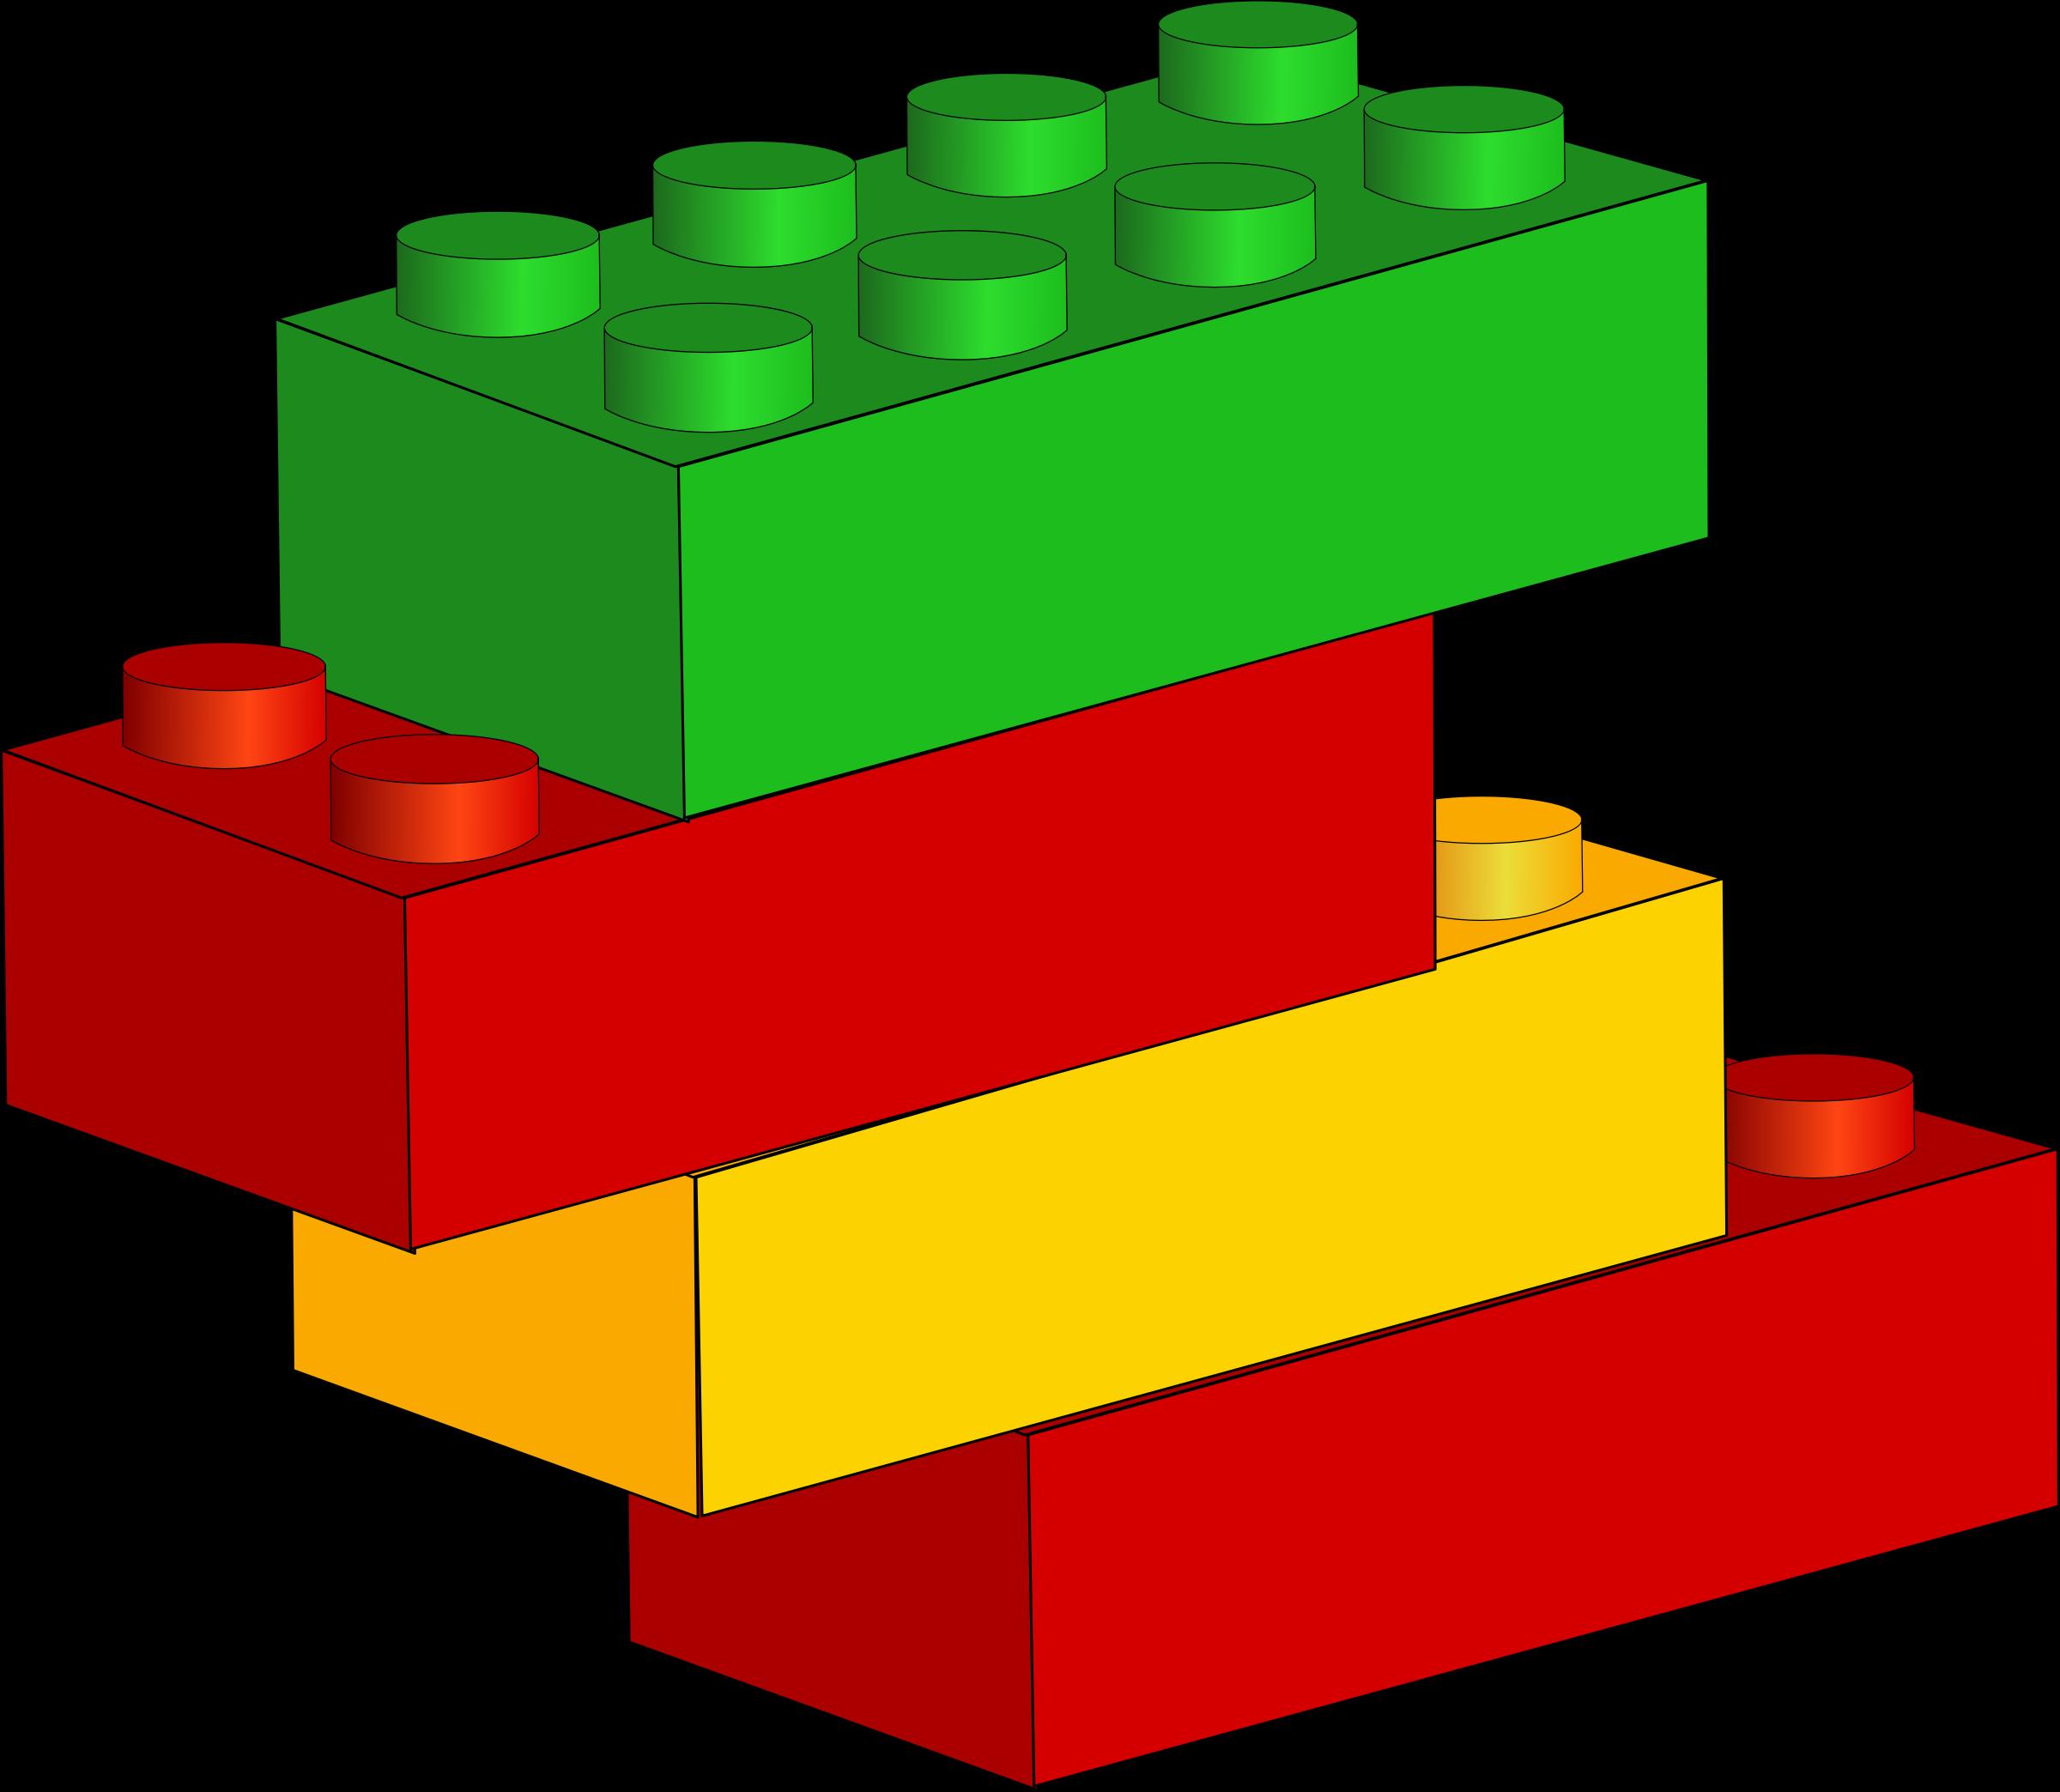 Building Blocks Of Art : Clipart bricks